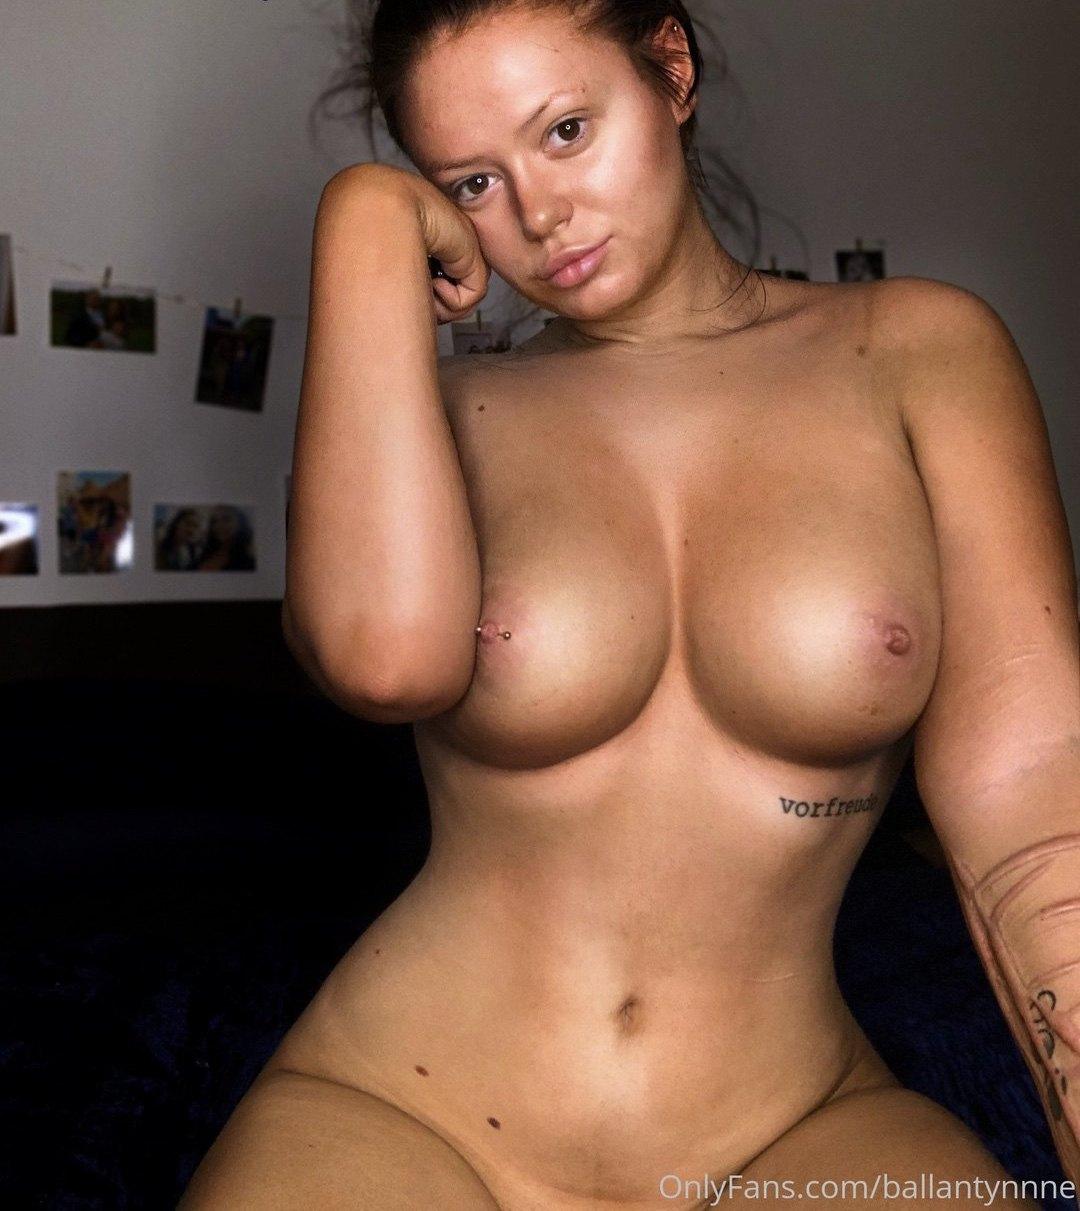 Ballantynnne Onlyfans Nudes Leaks 0015